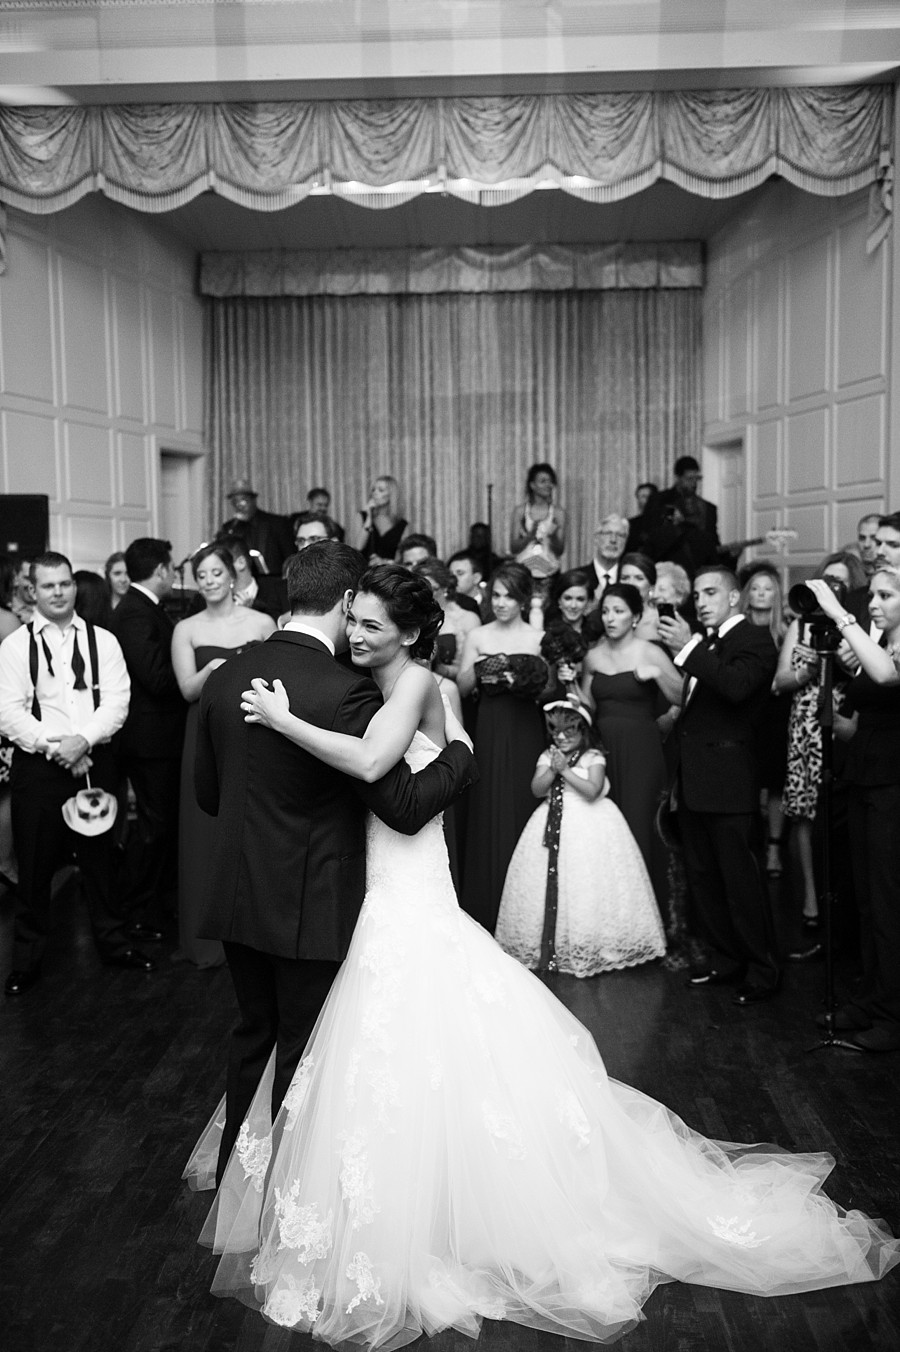 New_Haven_Lawn_Club_Wedding_NS_42.jpg